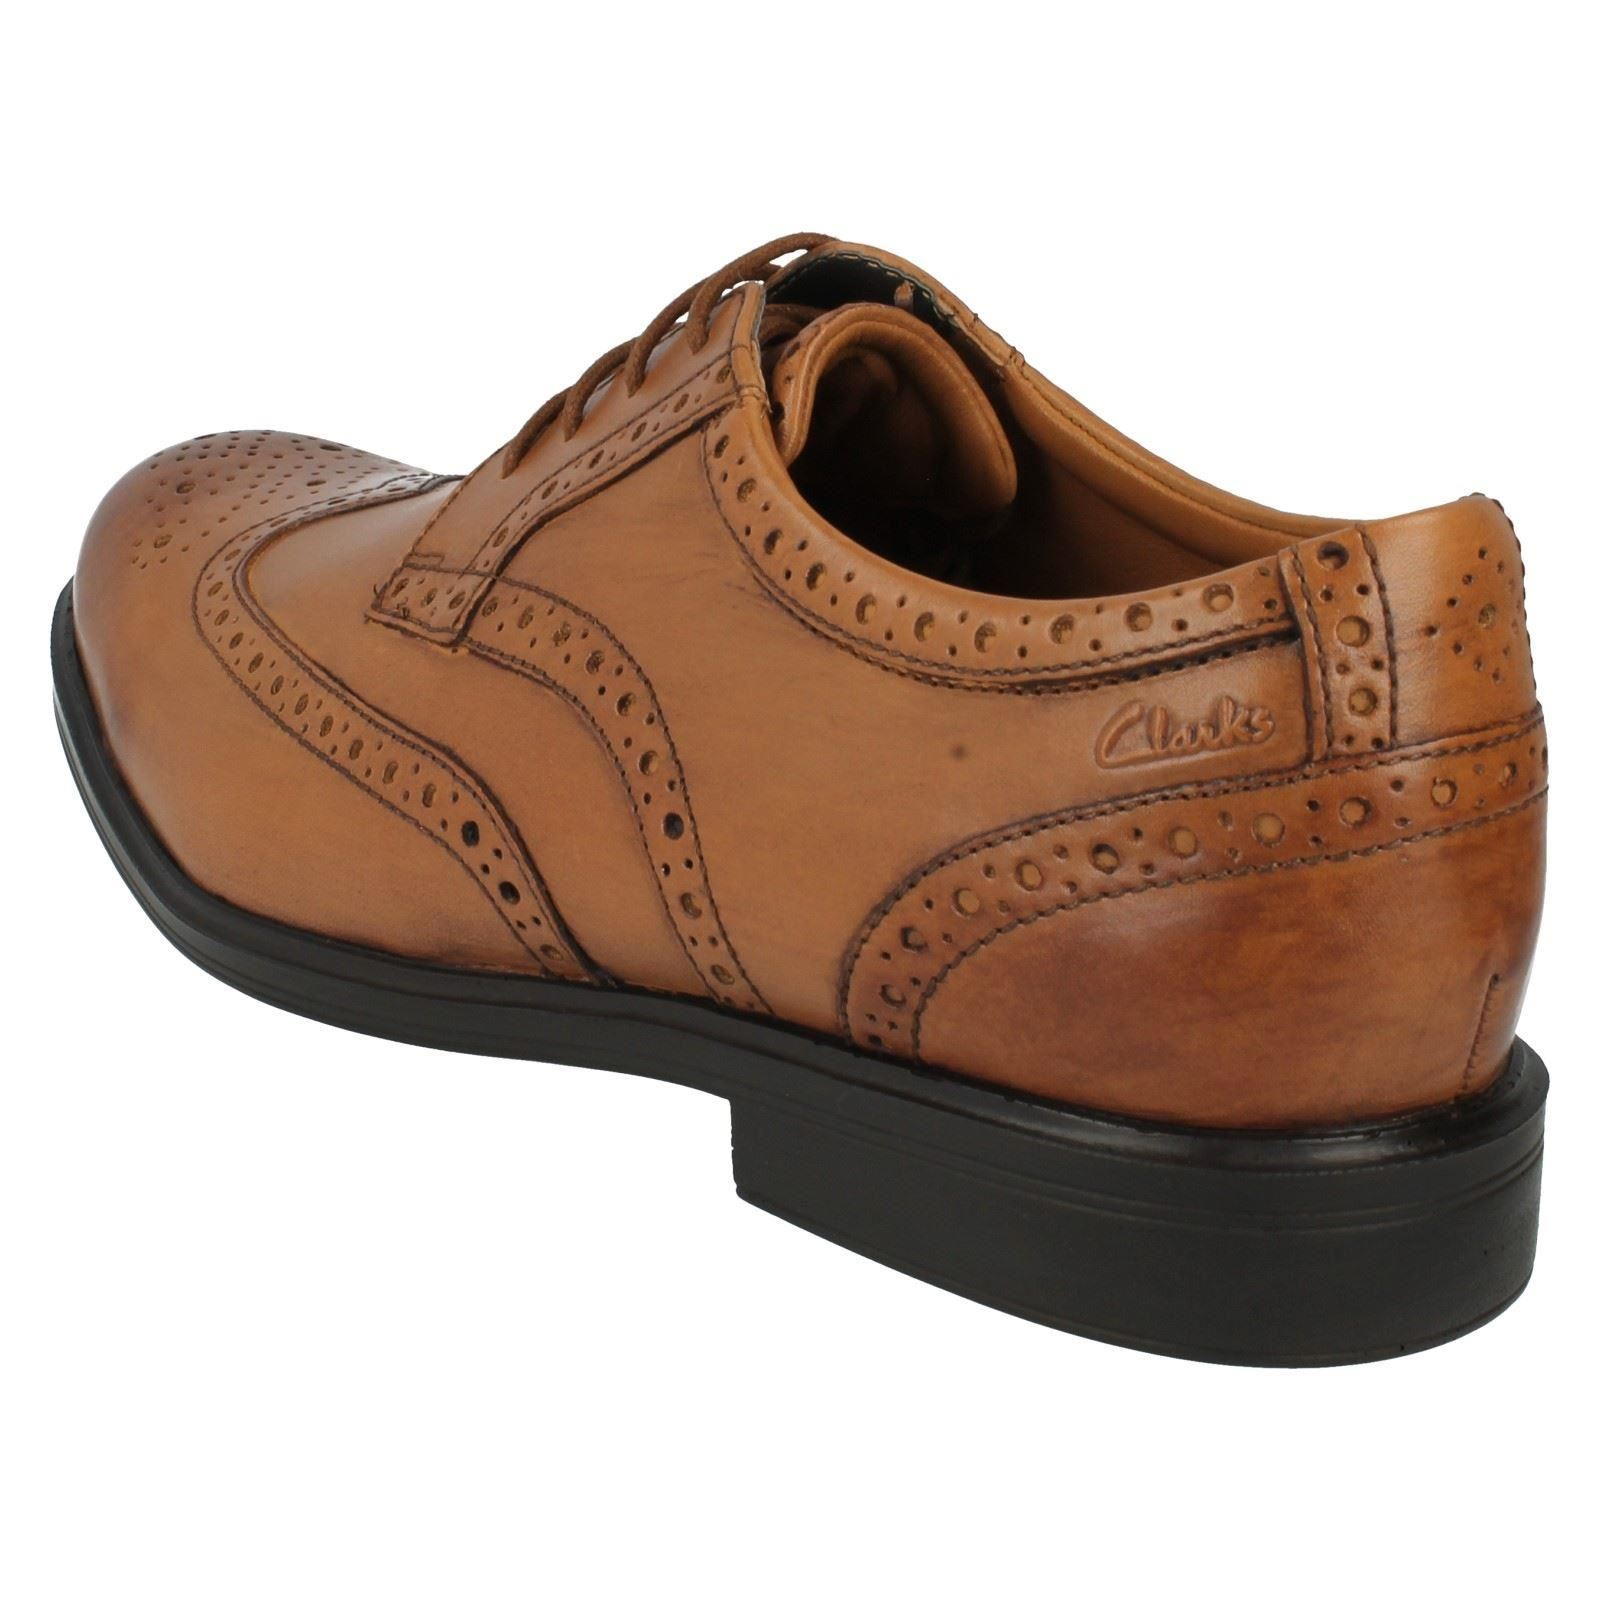 Herren Clarks Clarks Herren elegante Schuhe Gabson Limit 7f6b94